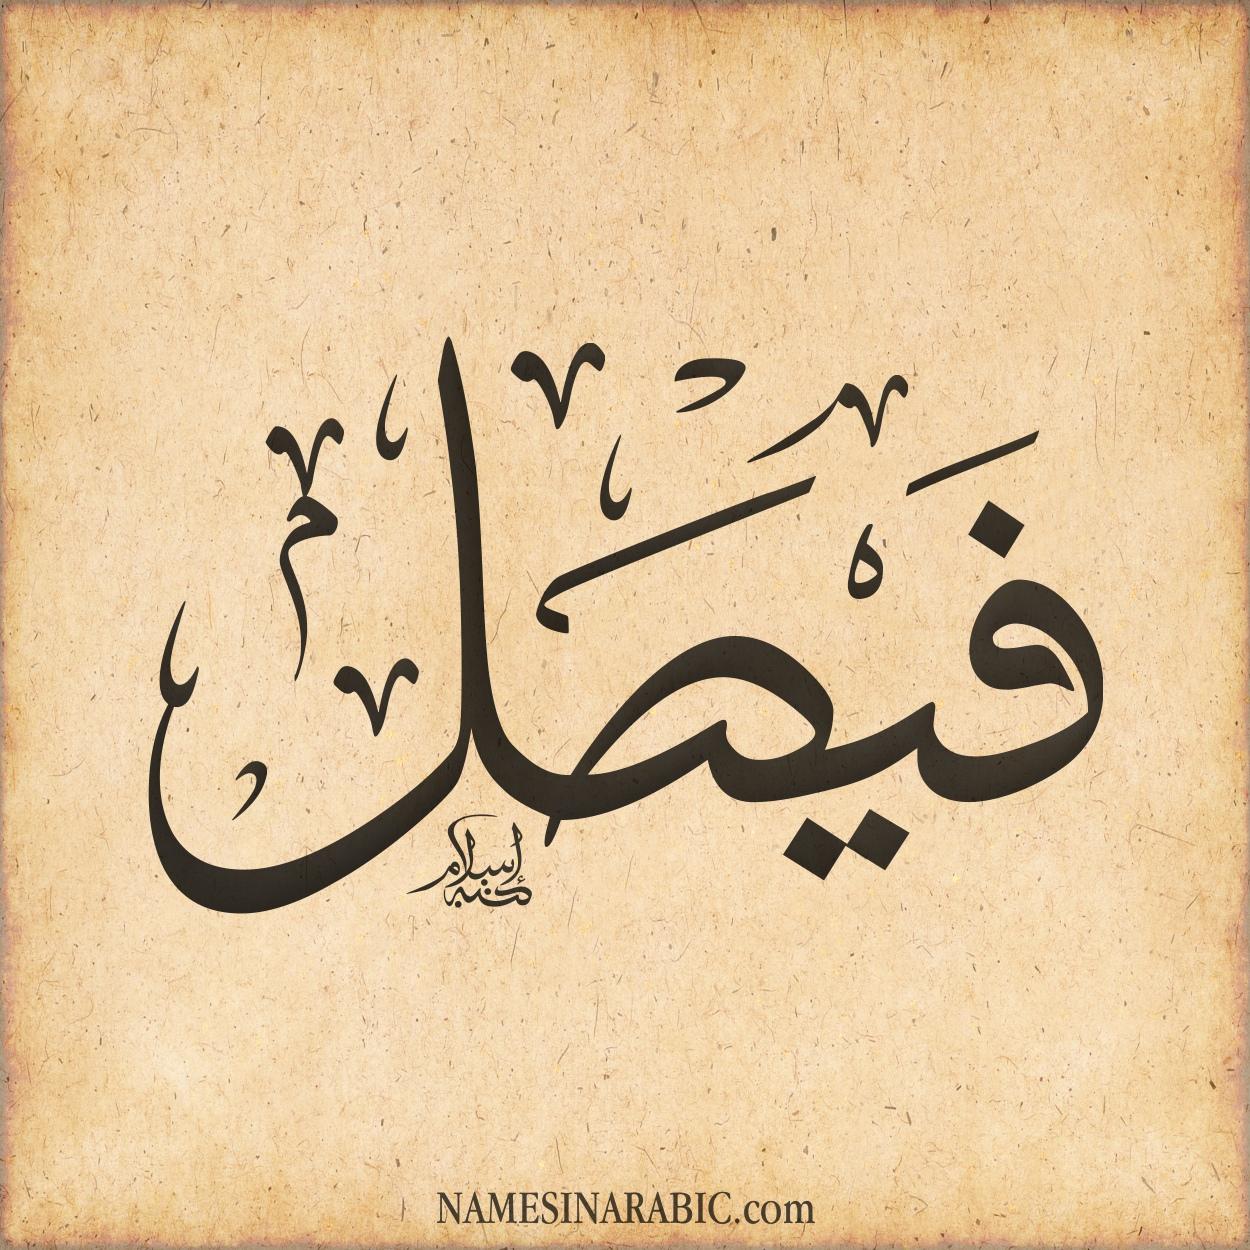 معنى اسم ف ي ص ل قاموس الأسماء و المعاني